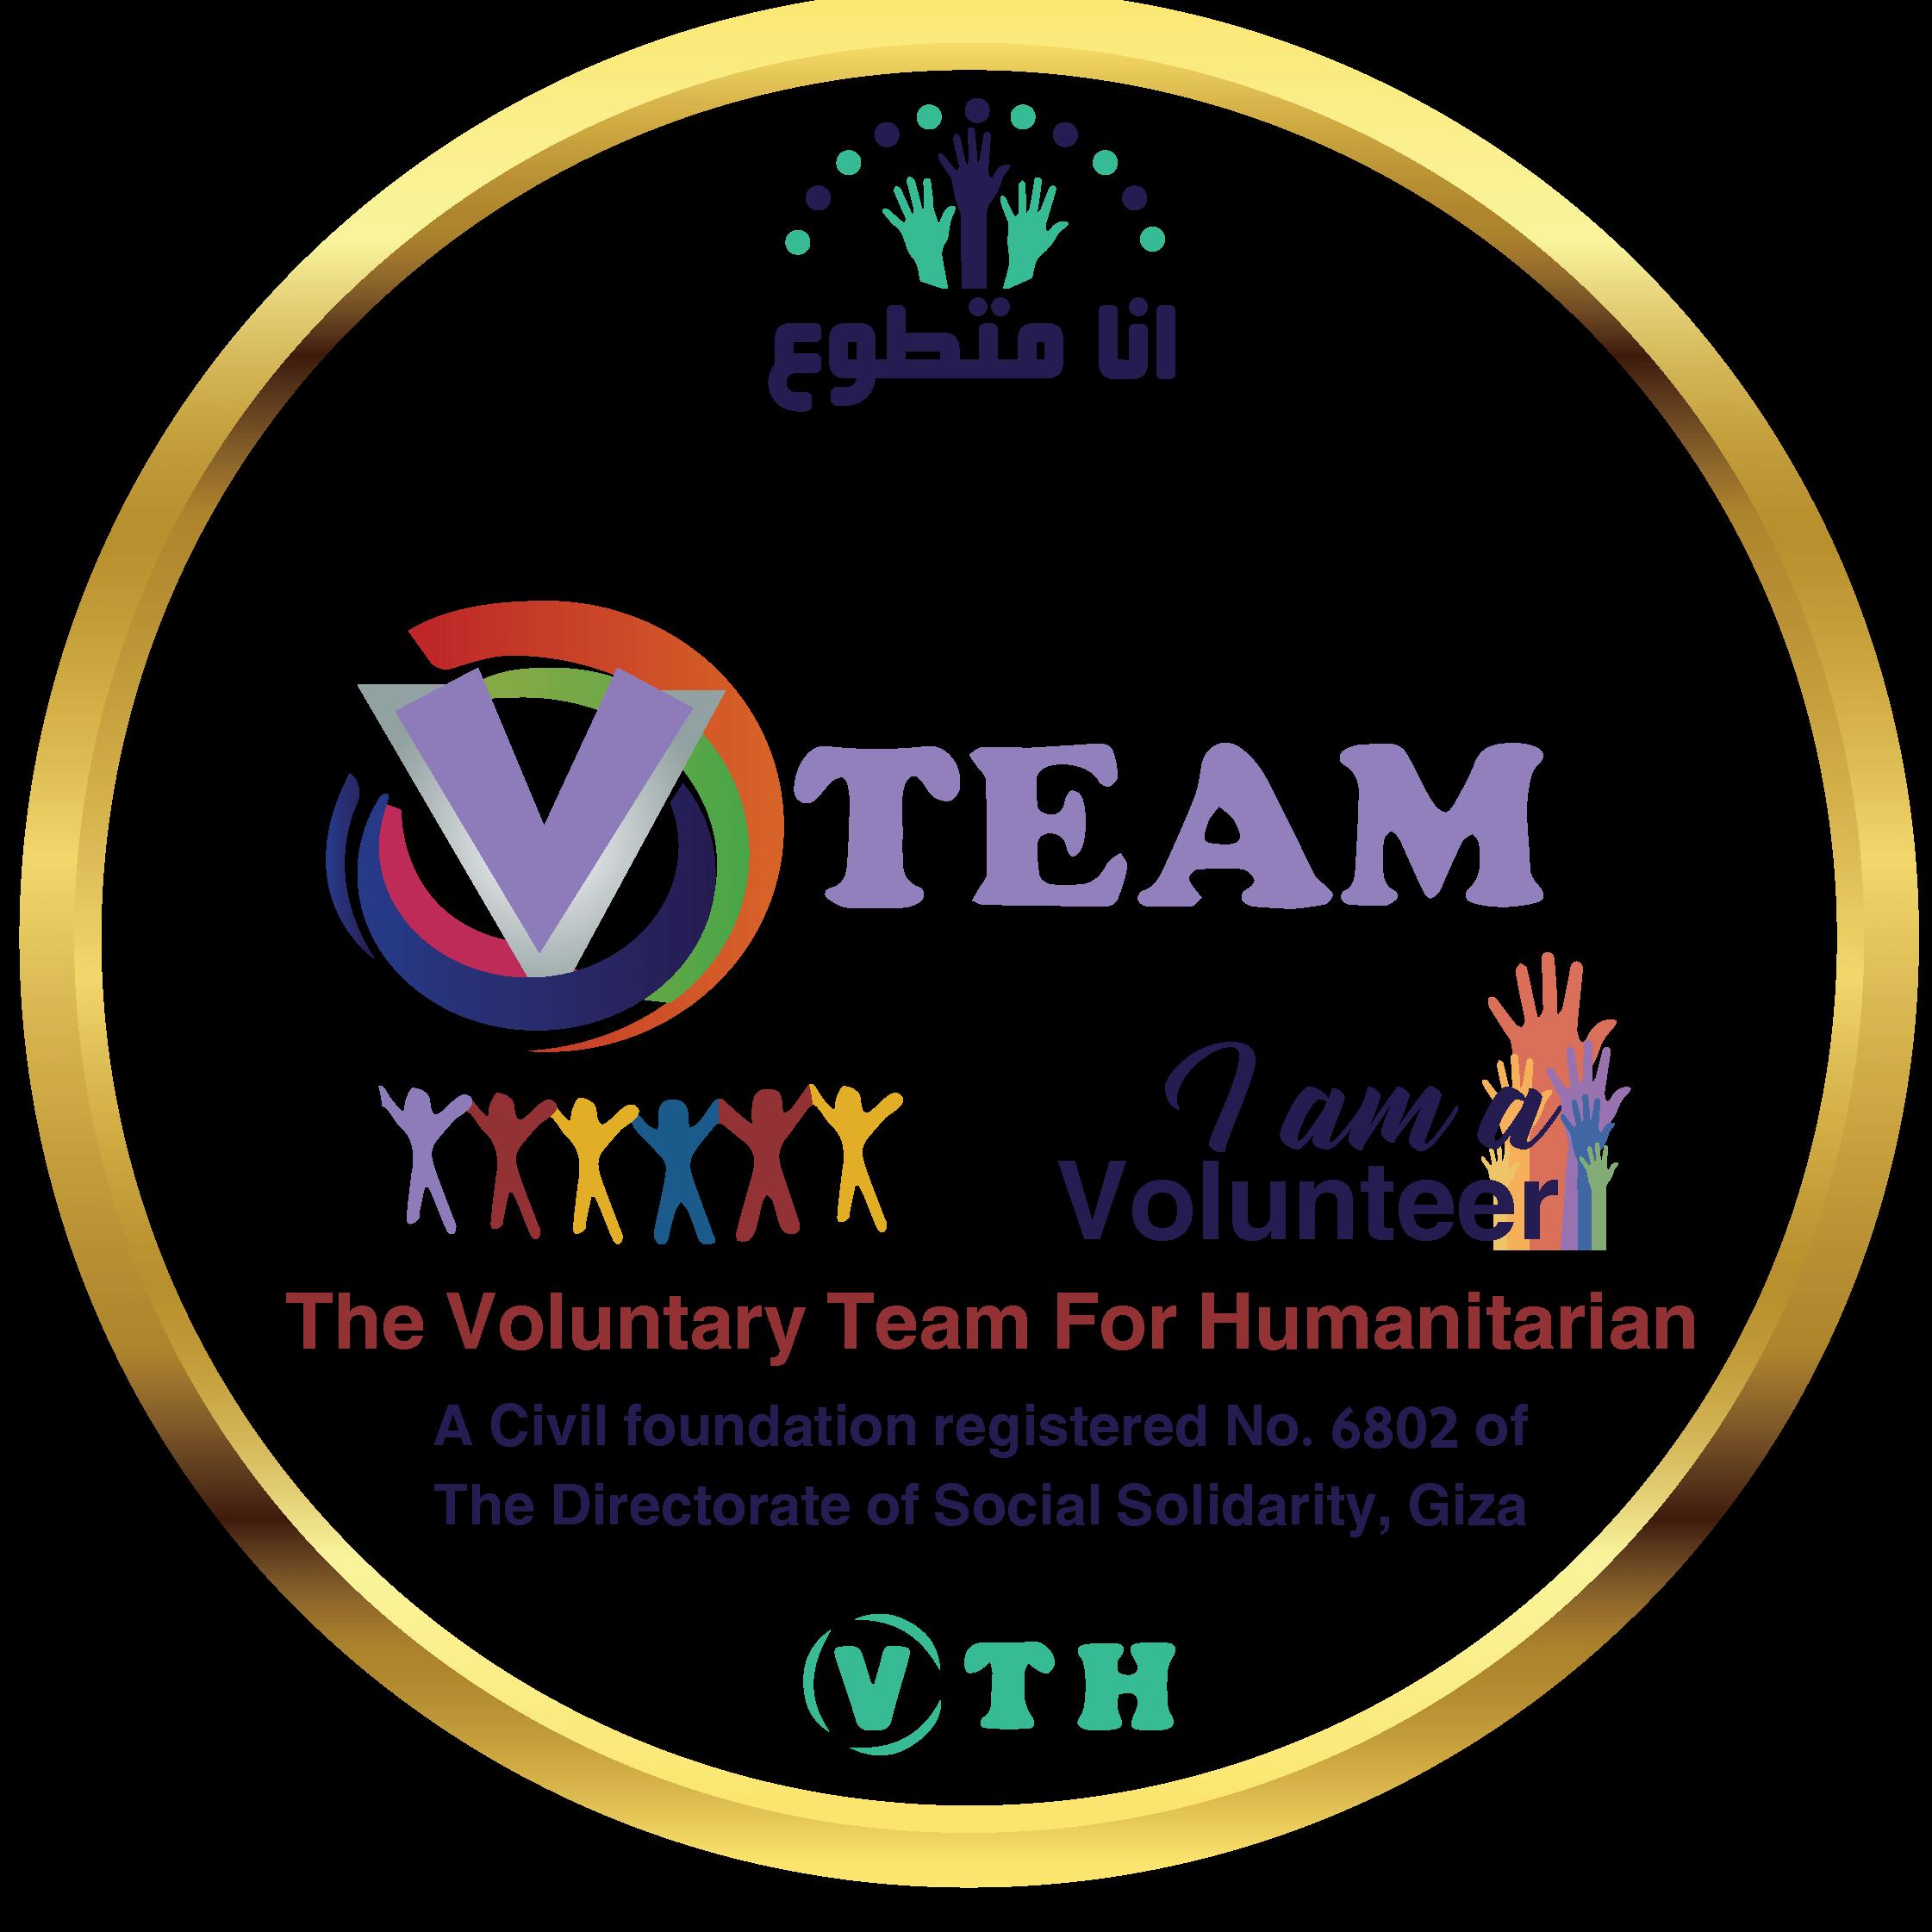 الفريق التطوعي للعمل الانساني